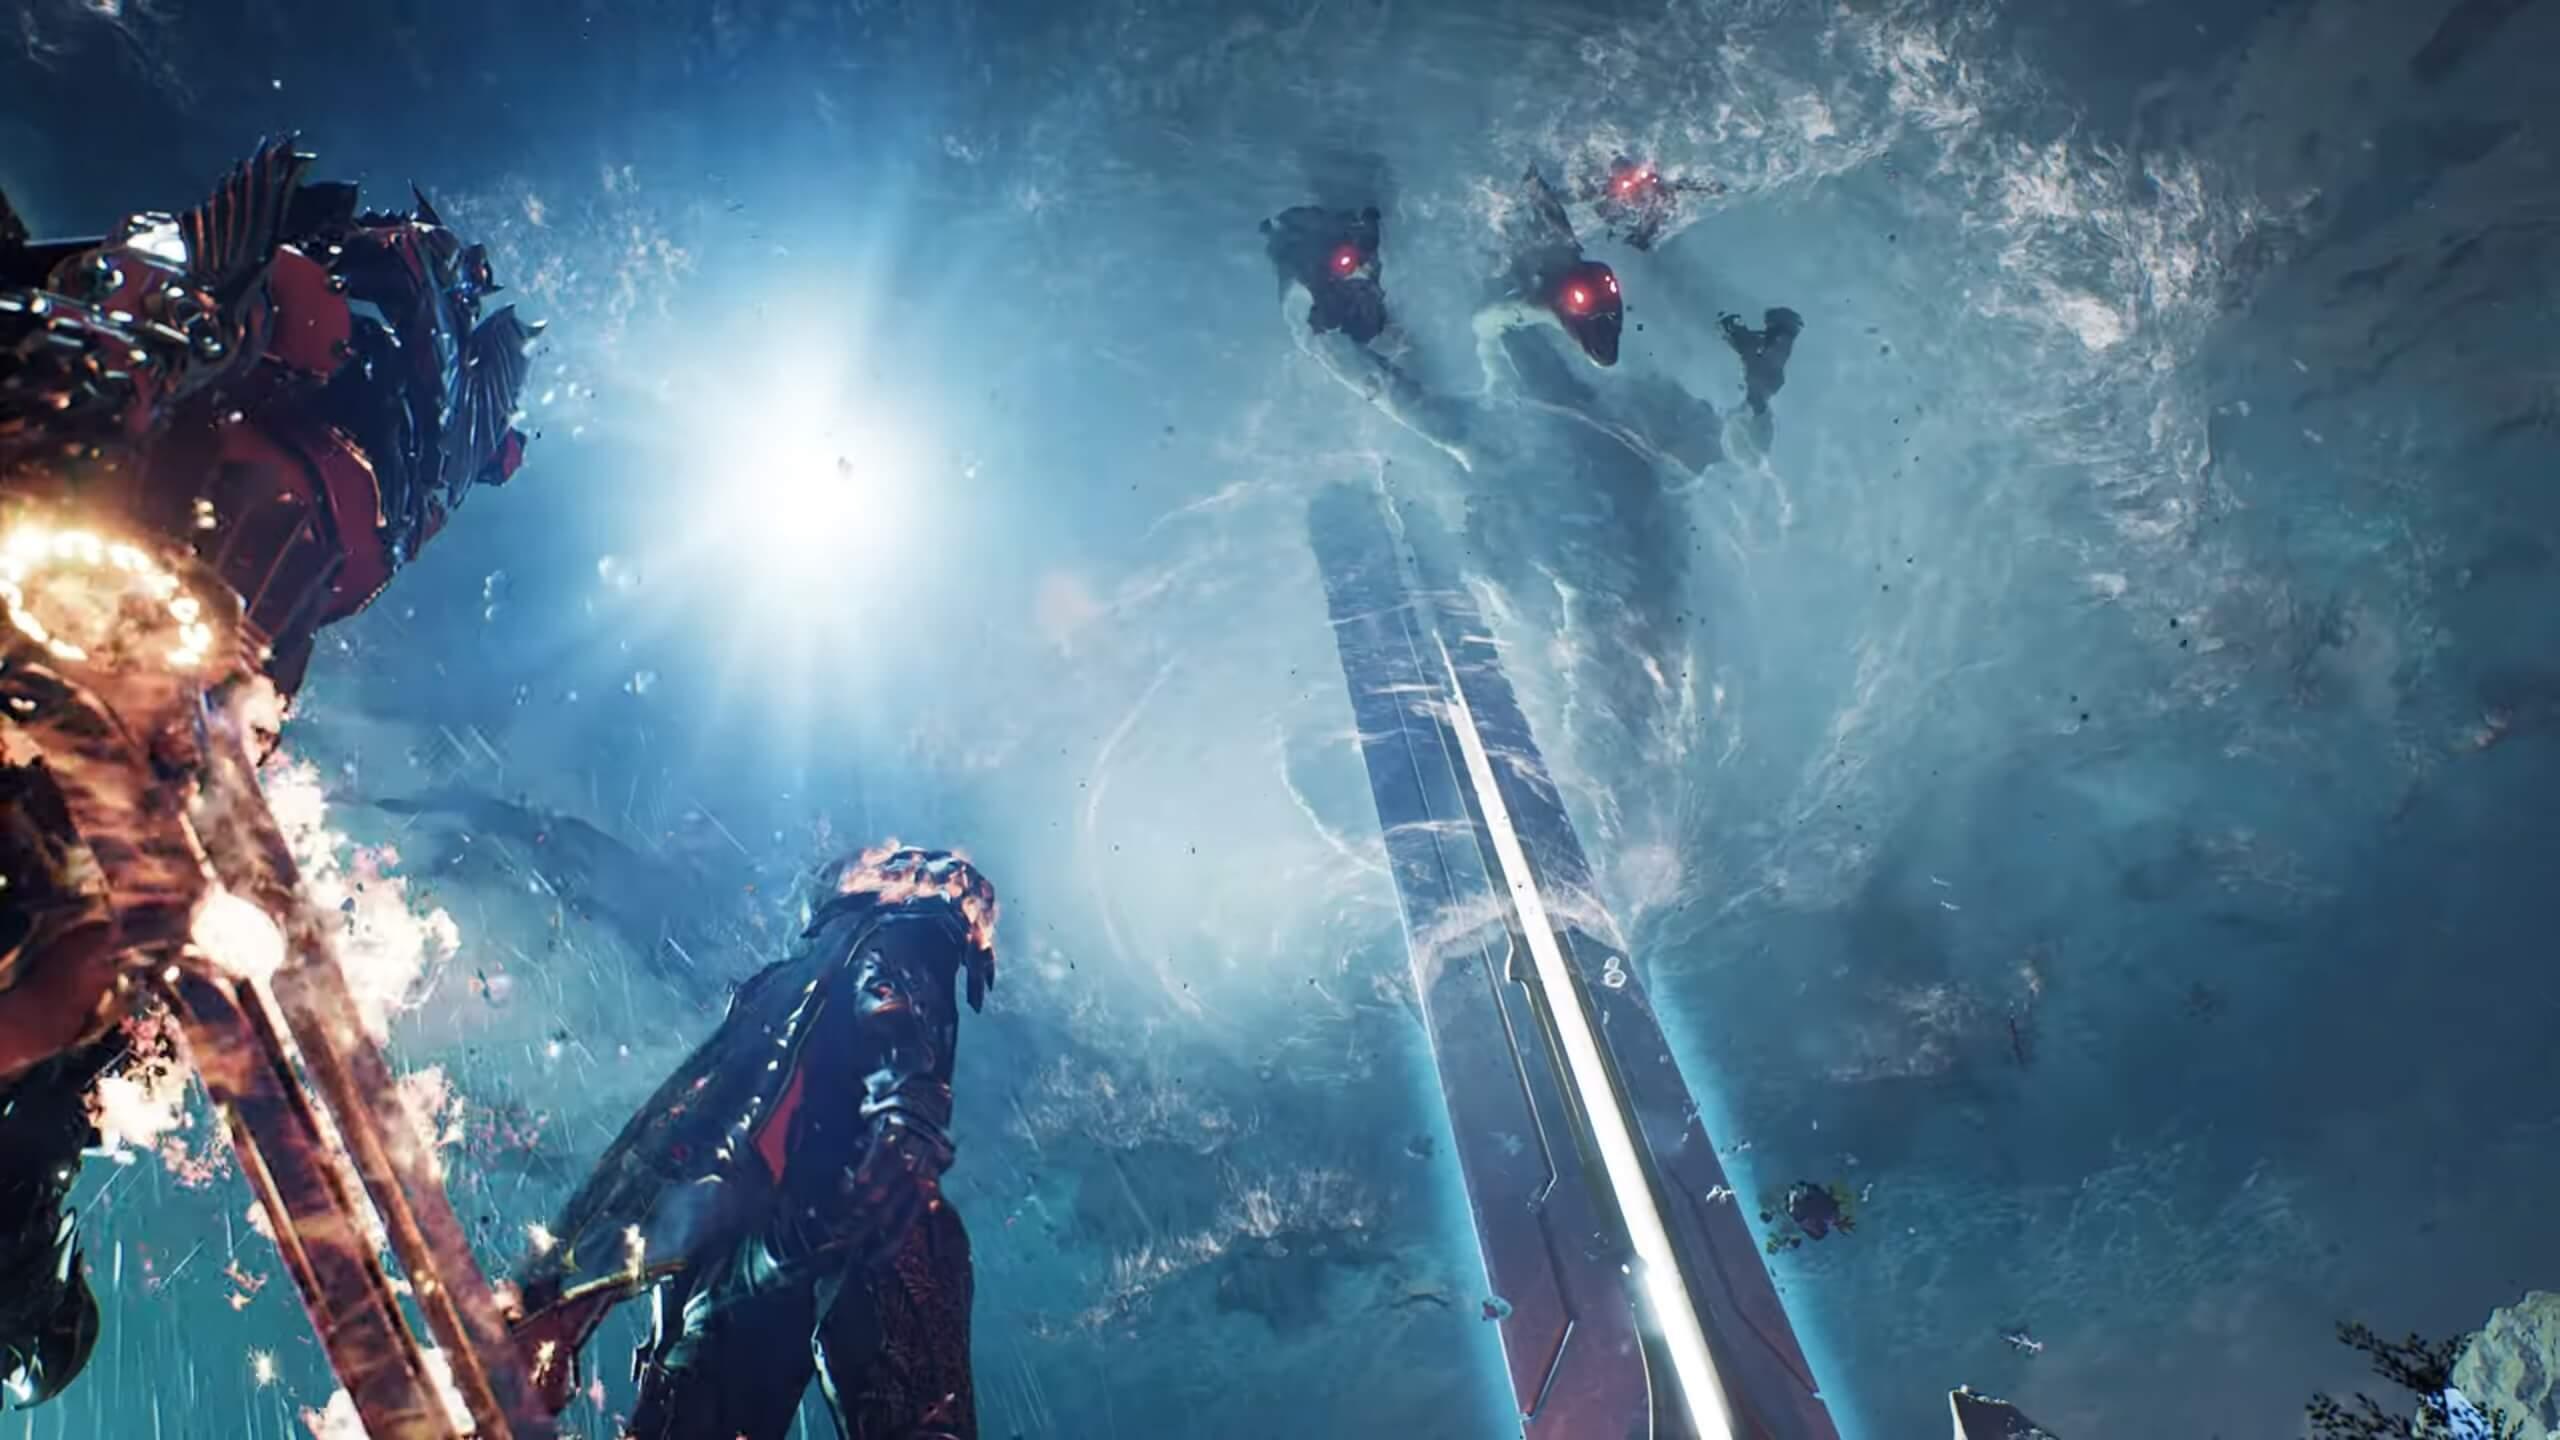 Новые детали Godfall: геймплей похож на Monster Hunter World с элементами Dark Souls